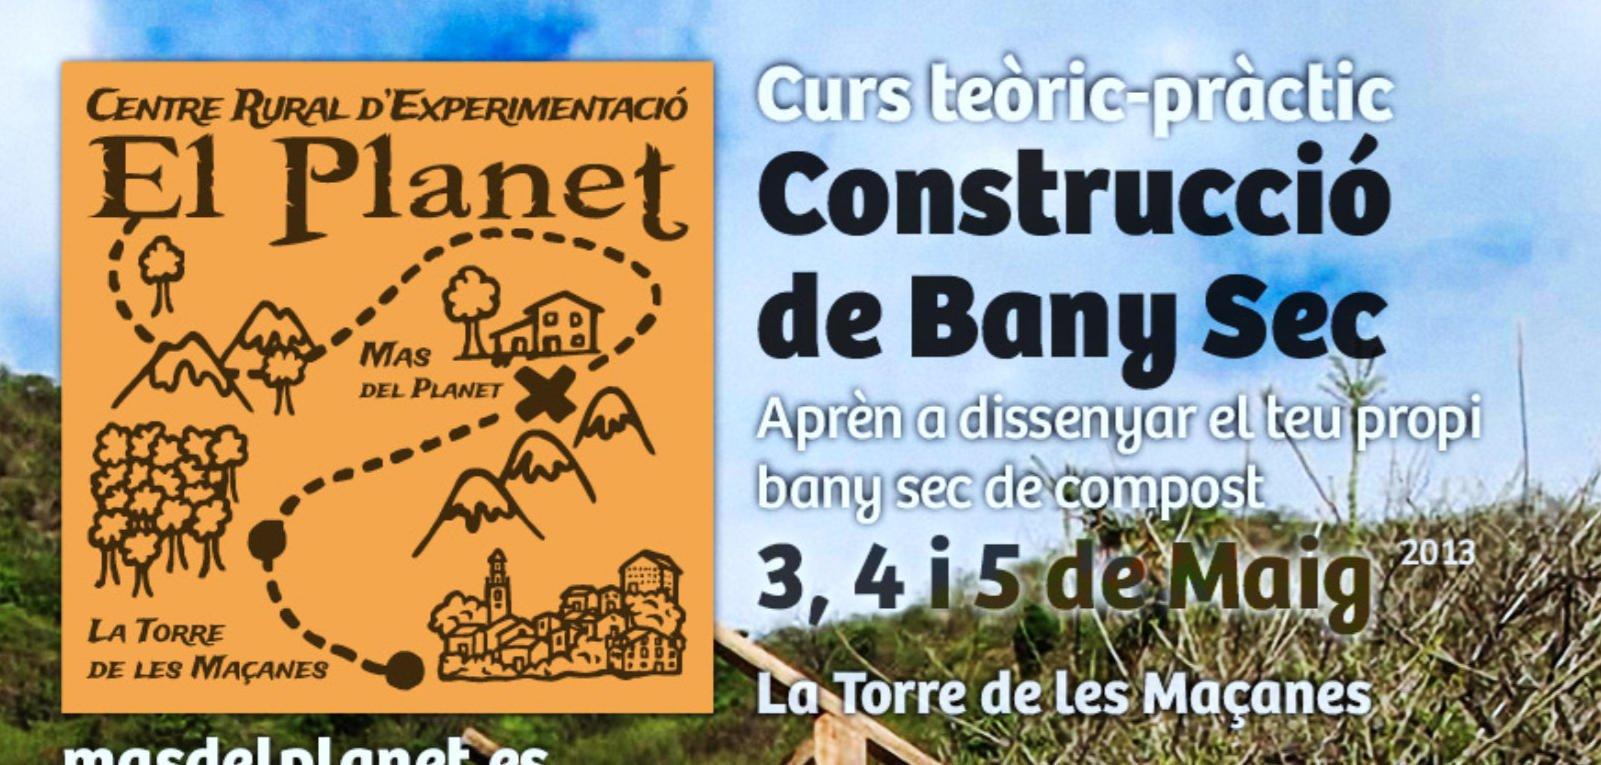 Taller de construcció de bany sec de compost